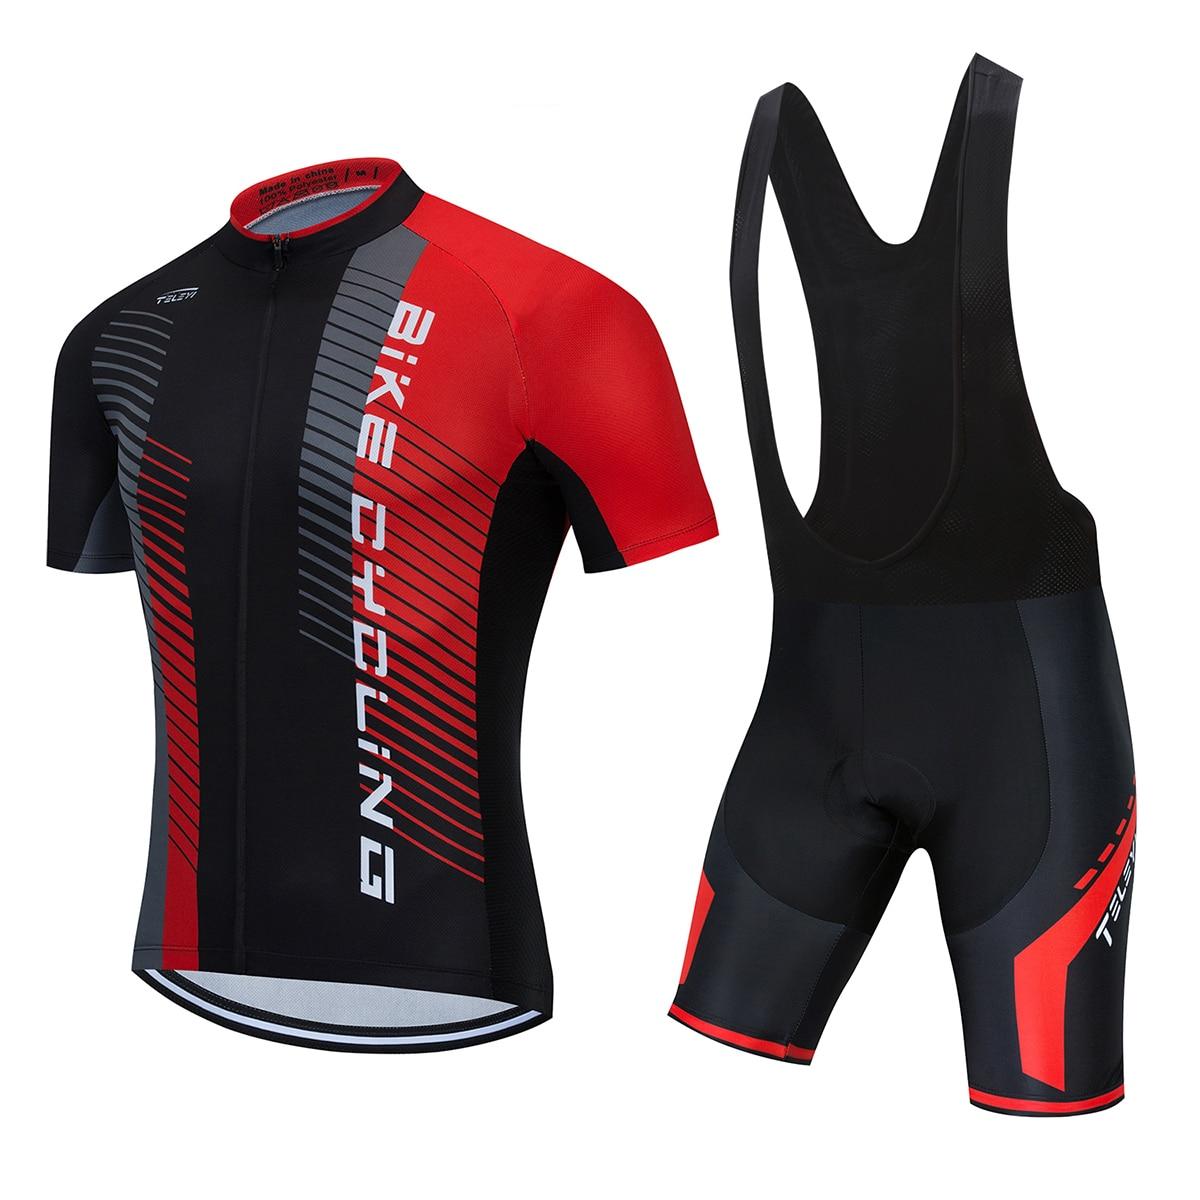 TELEYI-Ropa para equipo de Ciclismo, pantalones cortos con almohadilla 5D, conjunto de...